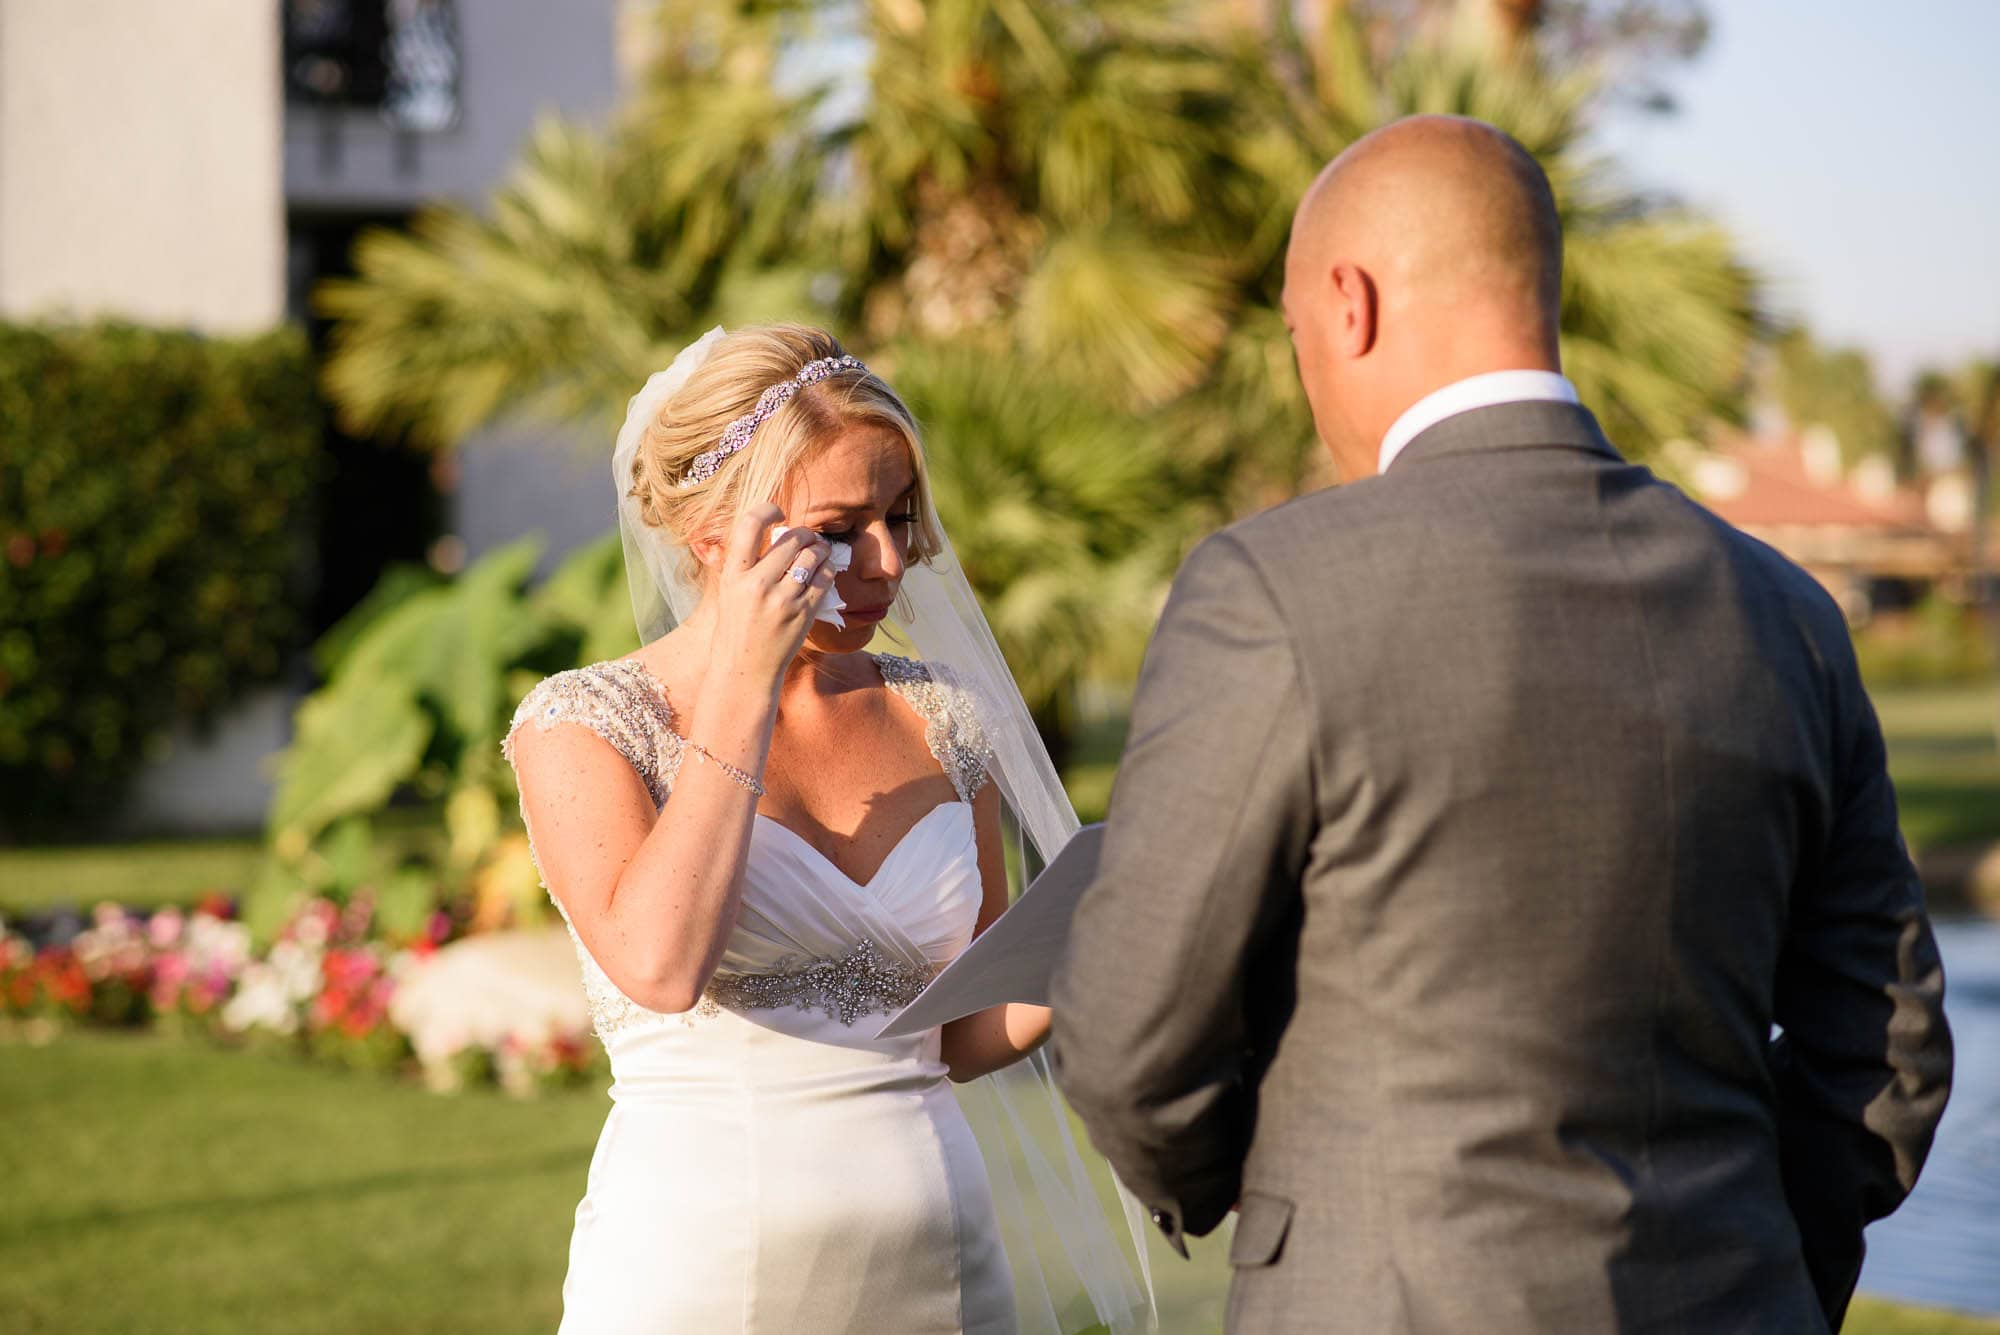 035_Alan_and_Heidi_Wedding_Amanda_Chad